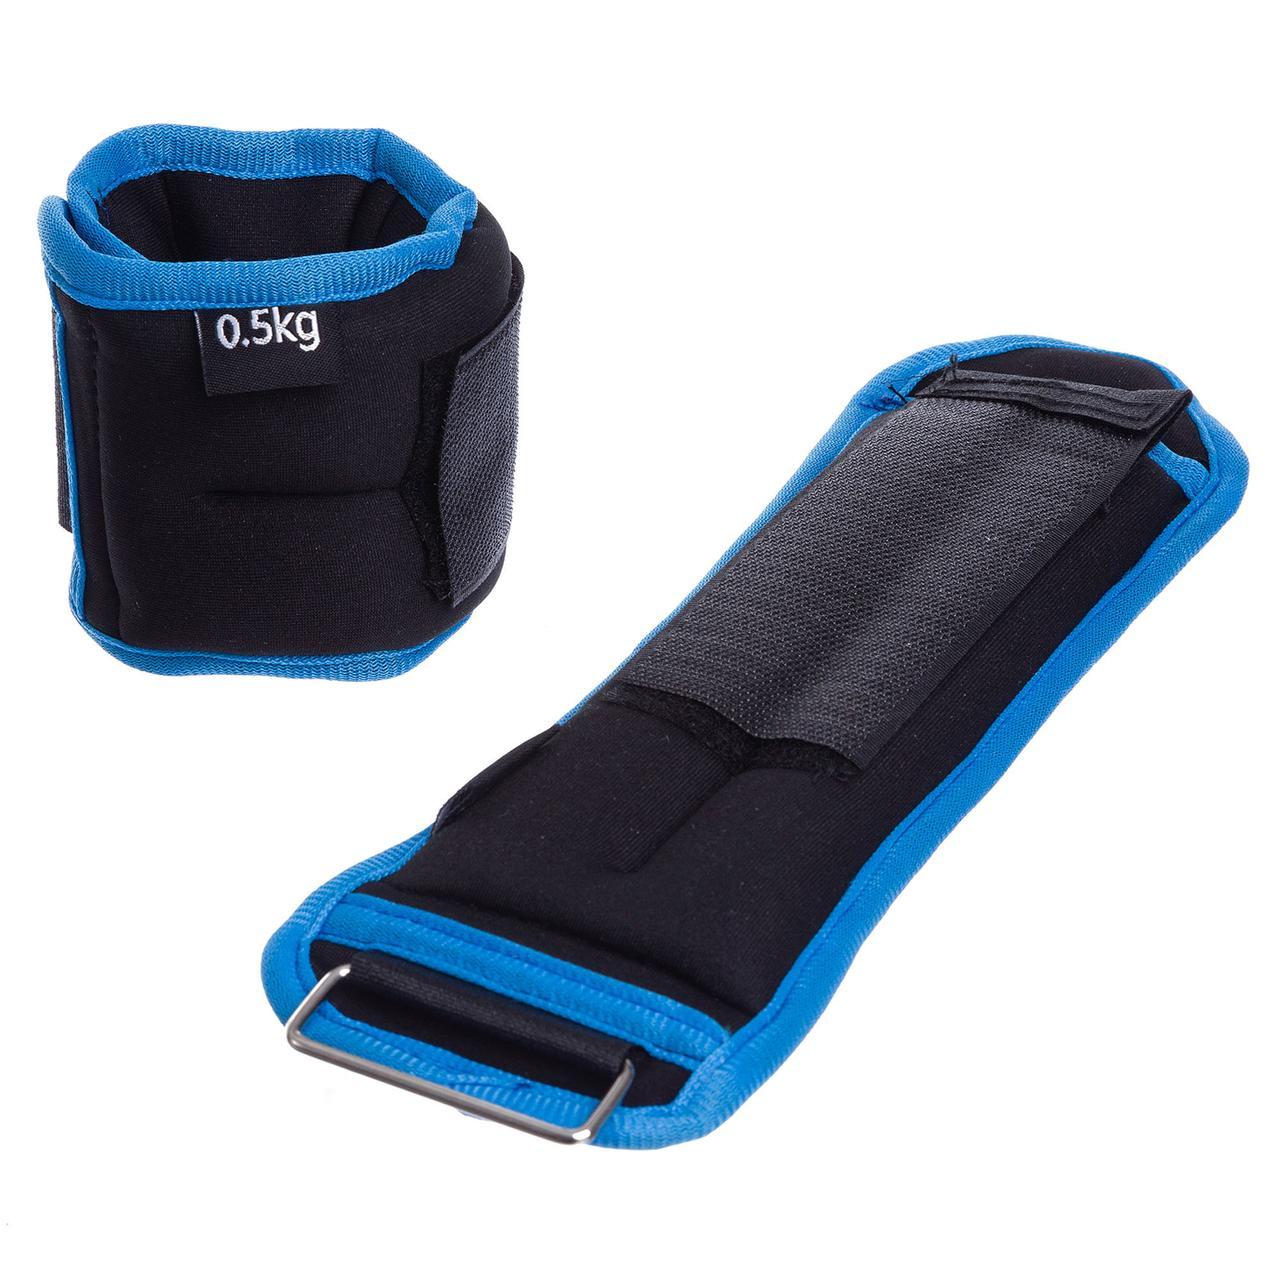 Утяжелители-манжеты для рук и ног FI-1302-1 (2 x 0,5кг) (Черный-синий)